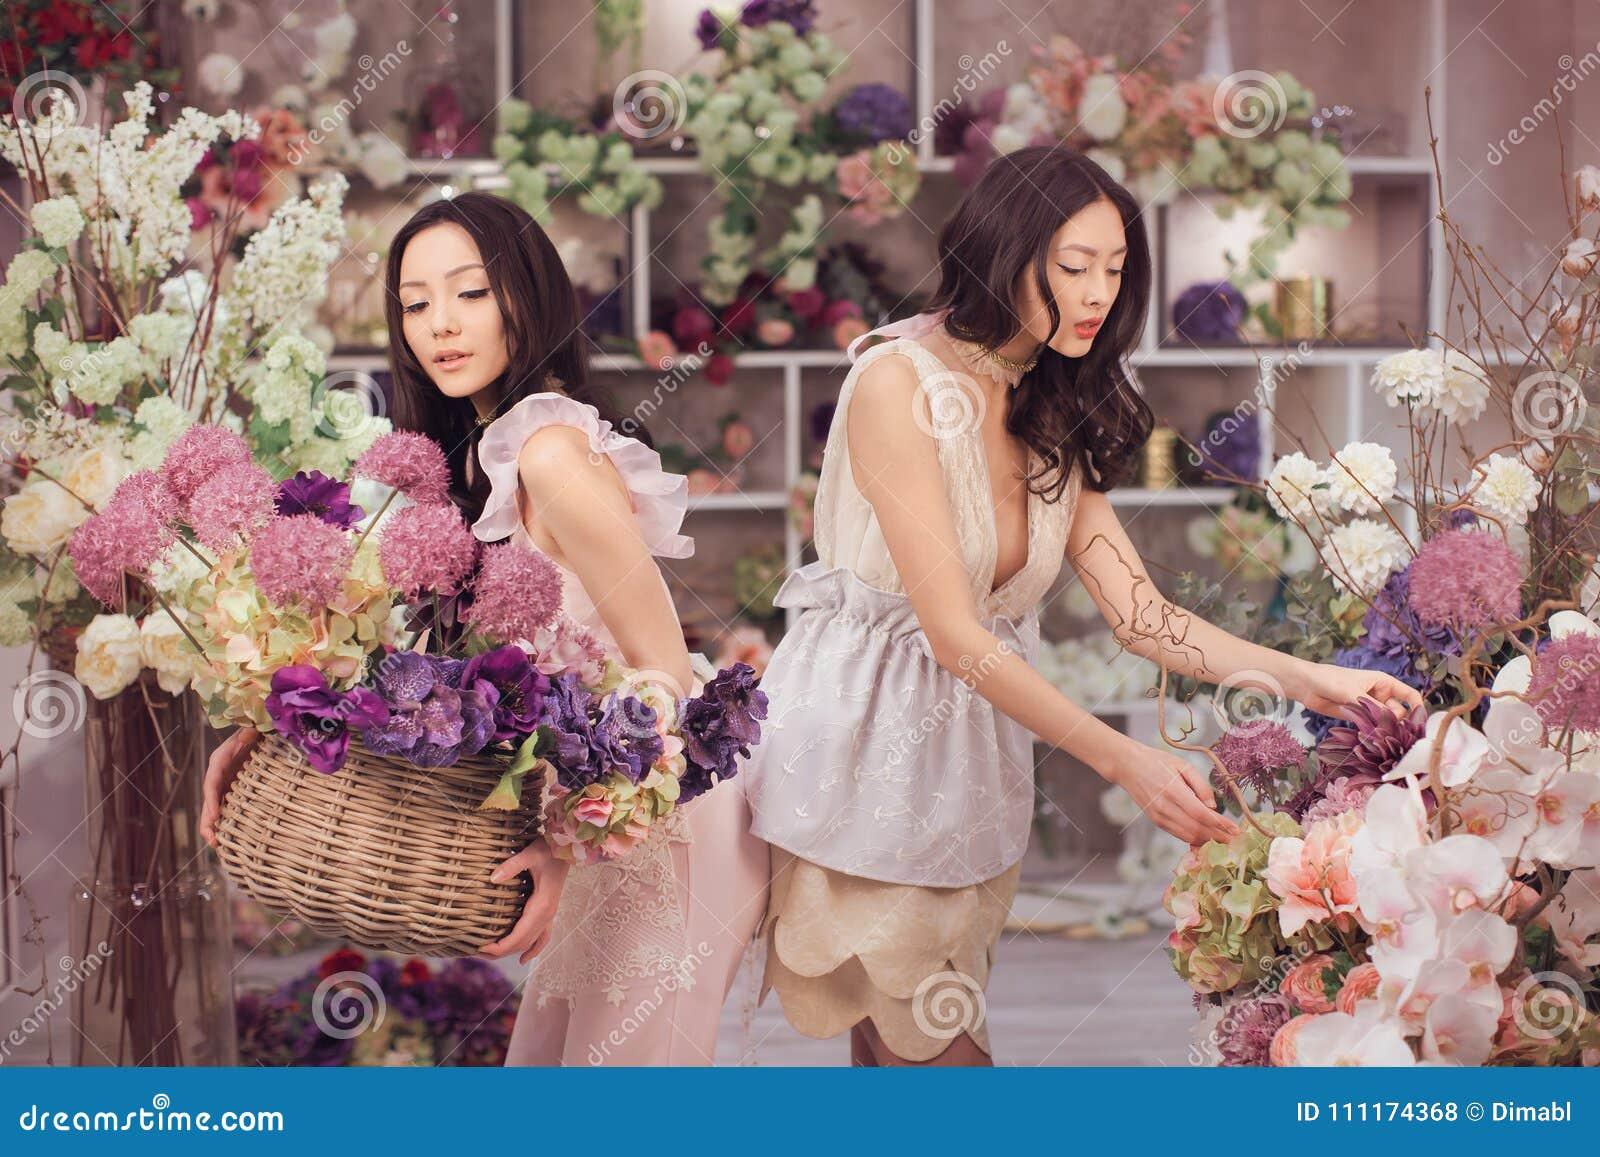 Asian flower girl com think